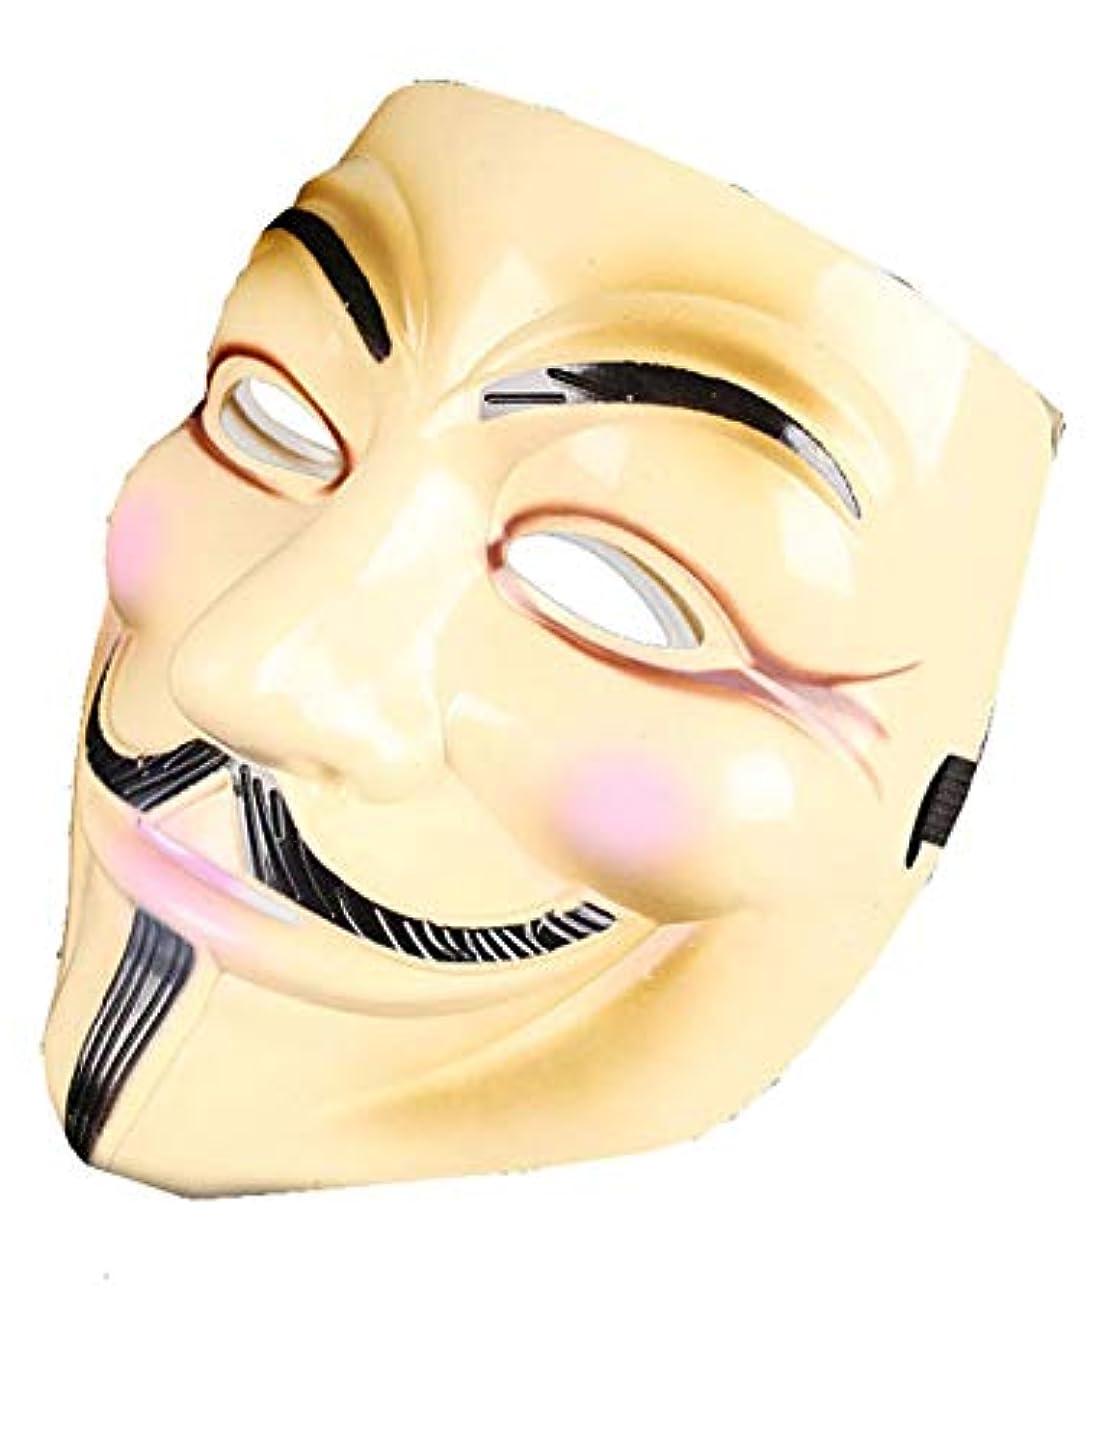 路面電車リッチ混乱ハロウィーンマスクホラーコスチュームパーティーコスプレの小道具、VendettaのV (Color : BLACK)